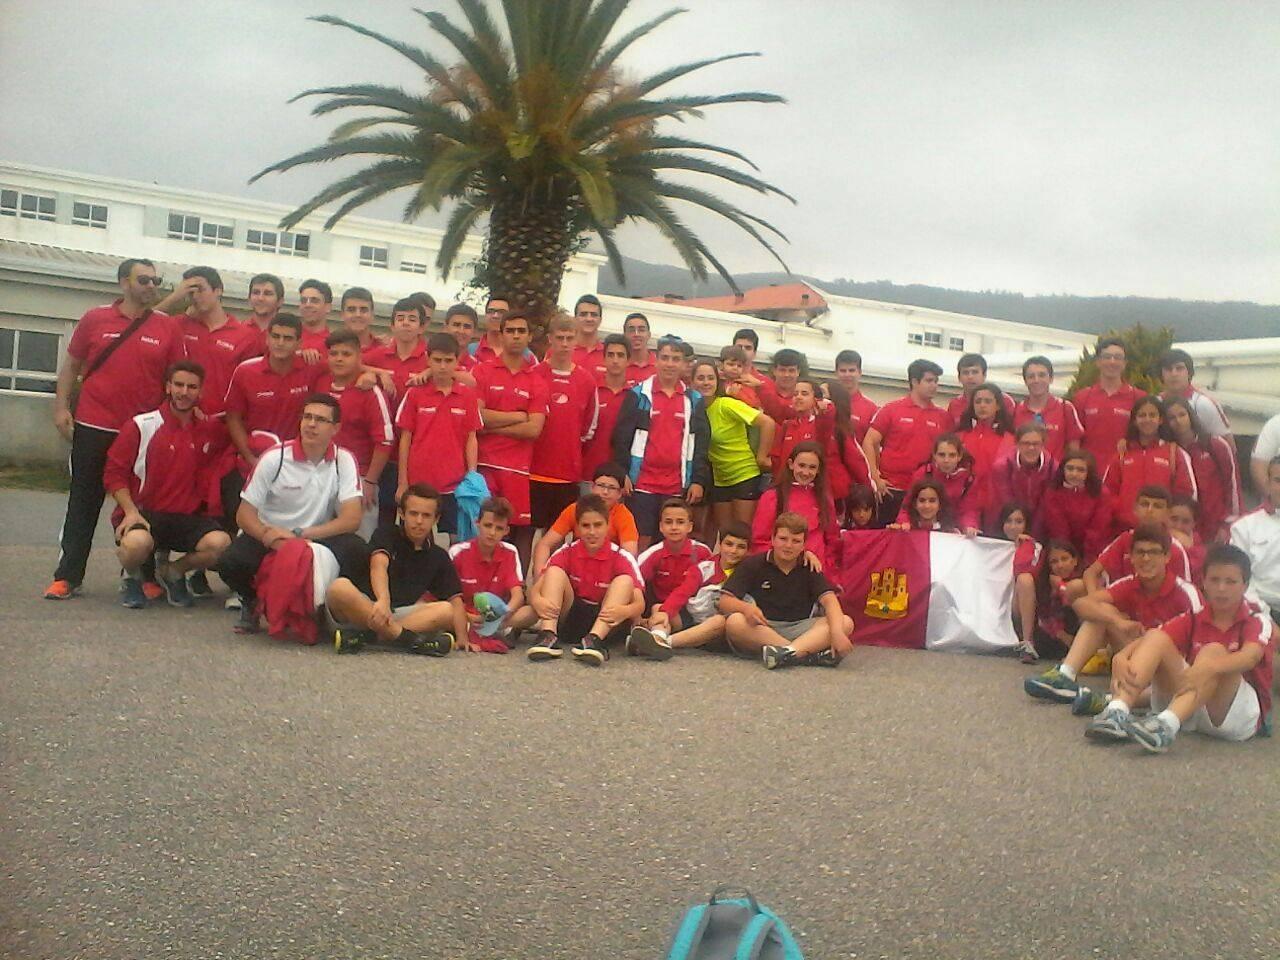 Equipos de balonmano de Herencia en la Captain Nemo's Cup. Foto extraída del facebook SMD Herencia